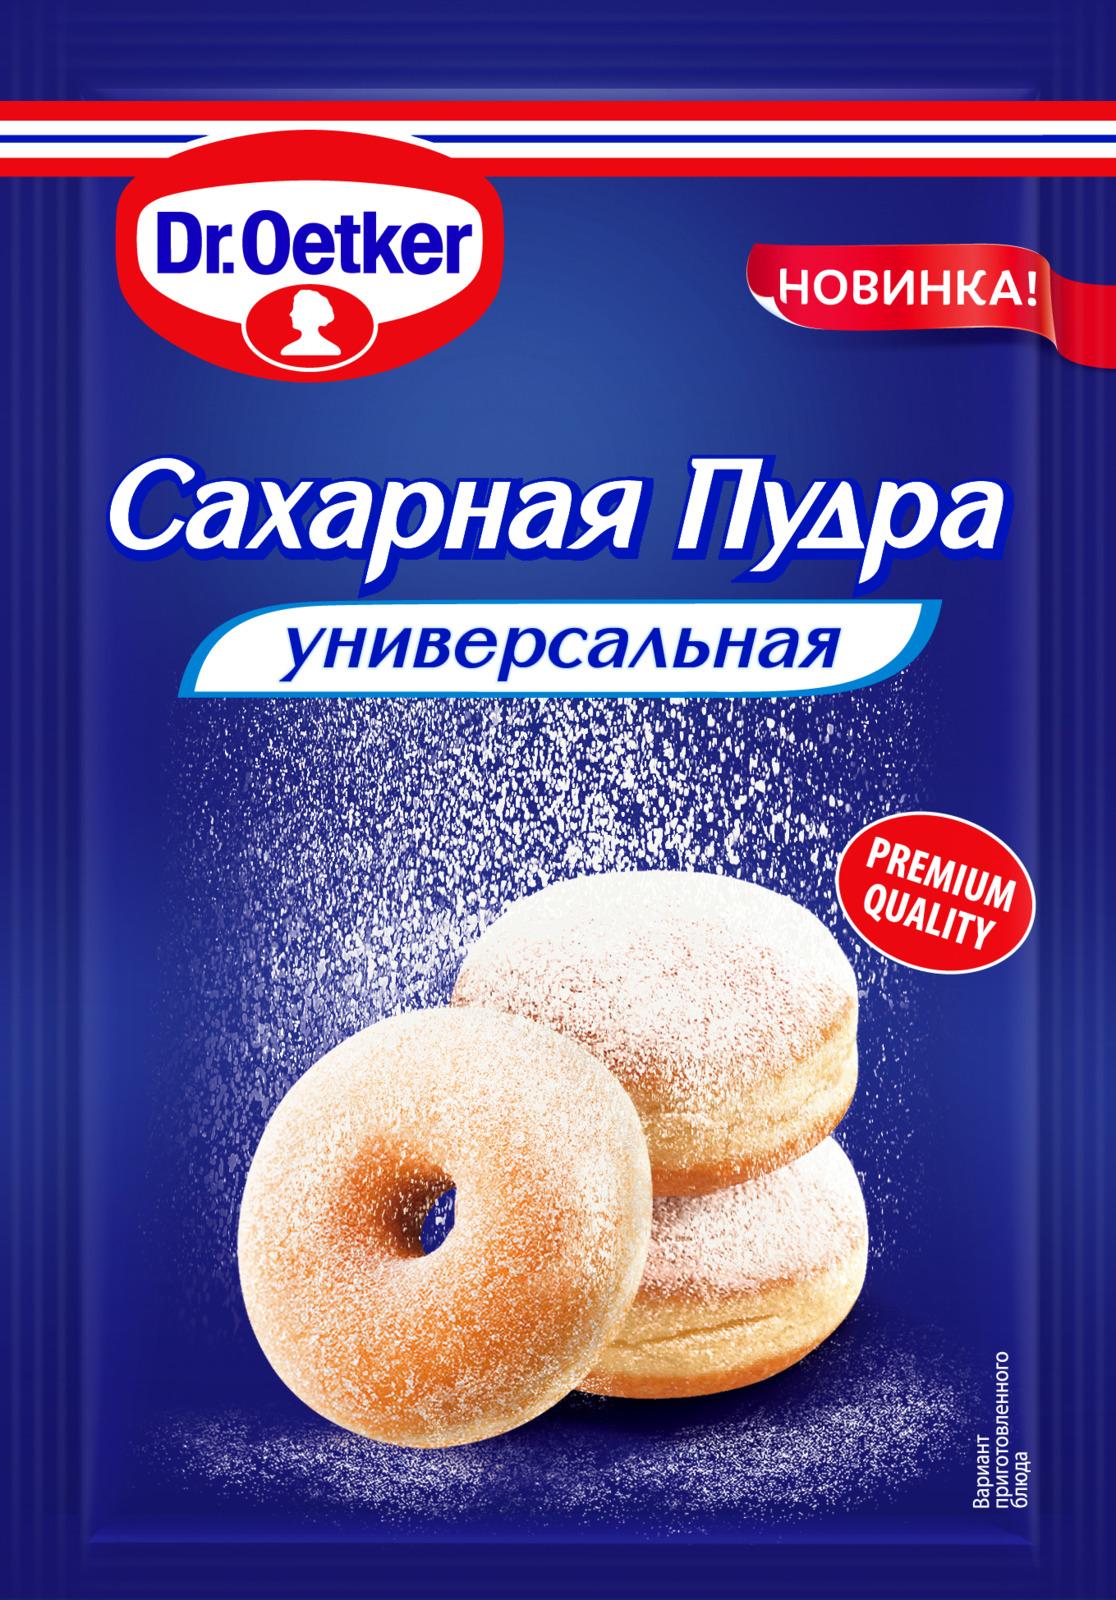 Сахарная пудра Dr.Oetker универсальная, 60 г